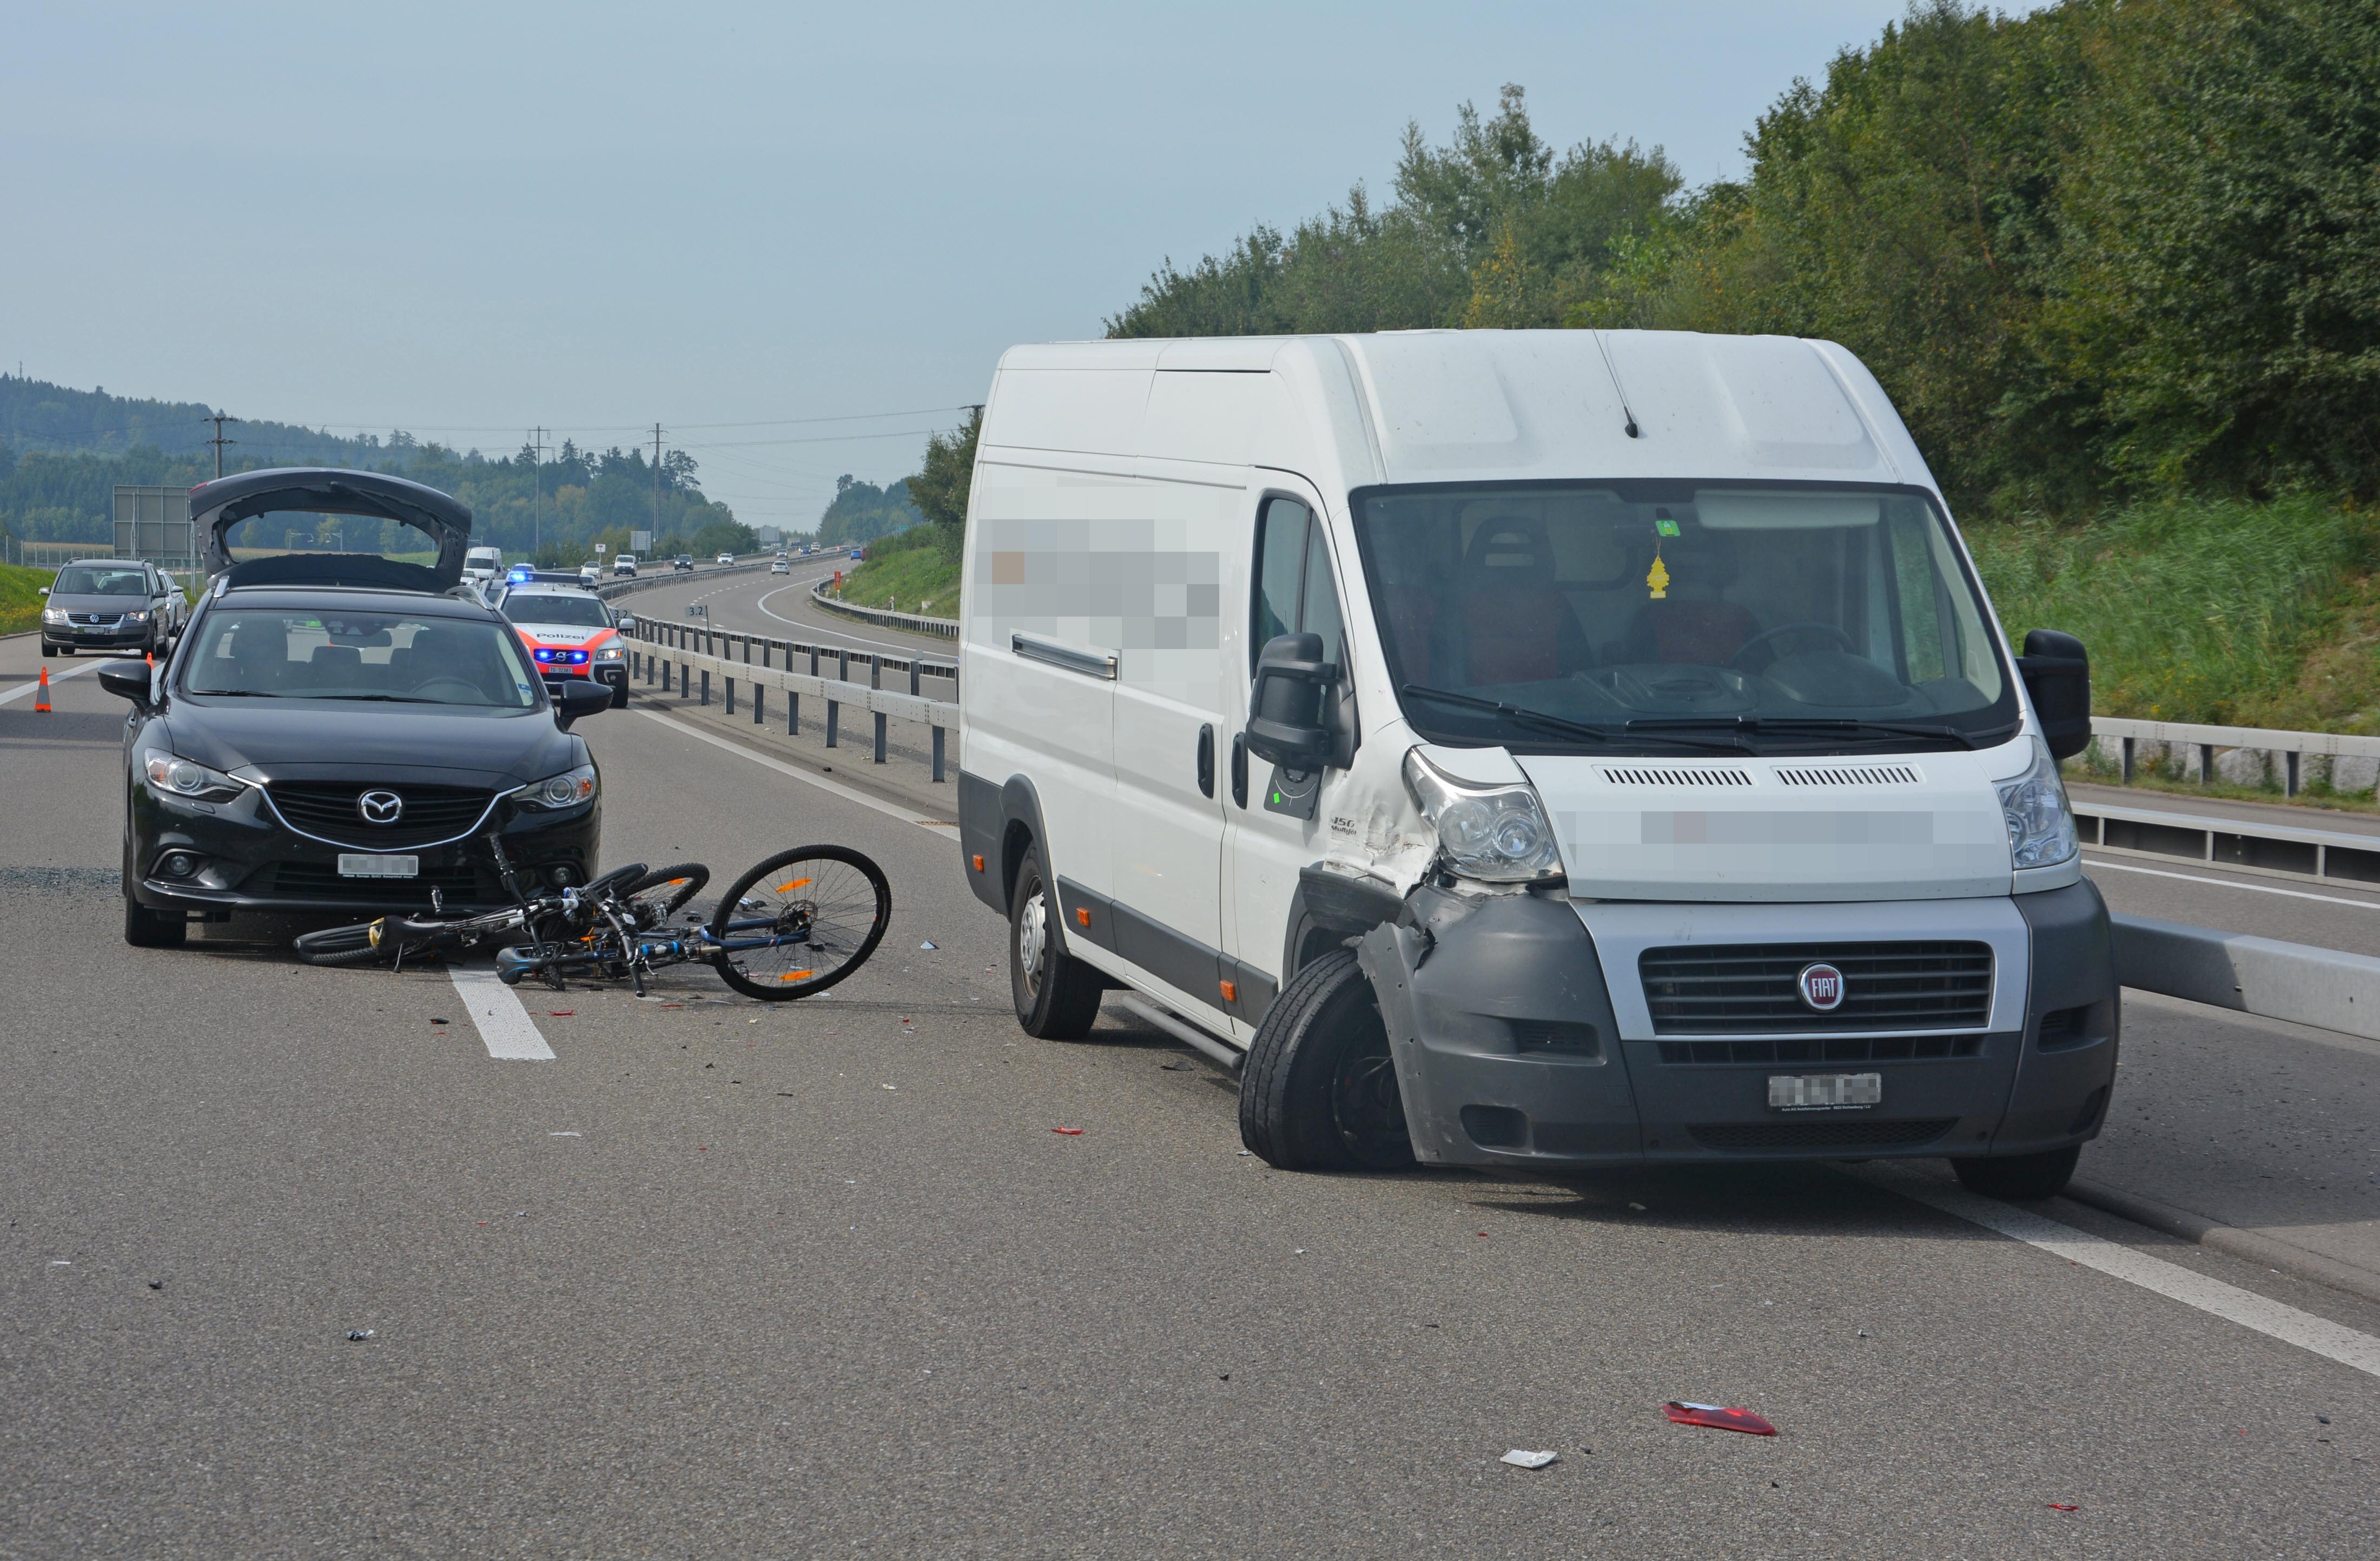 Verlorene Velos führen zu Unfall-Serie auf Autobahn im Thurgau - TOP ...